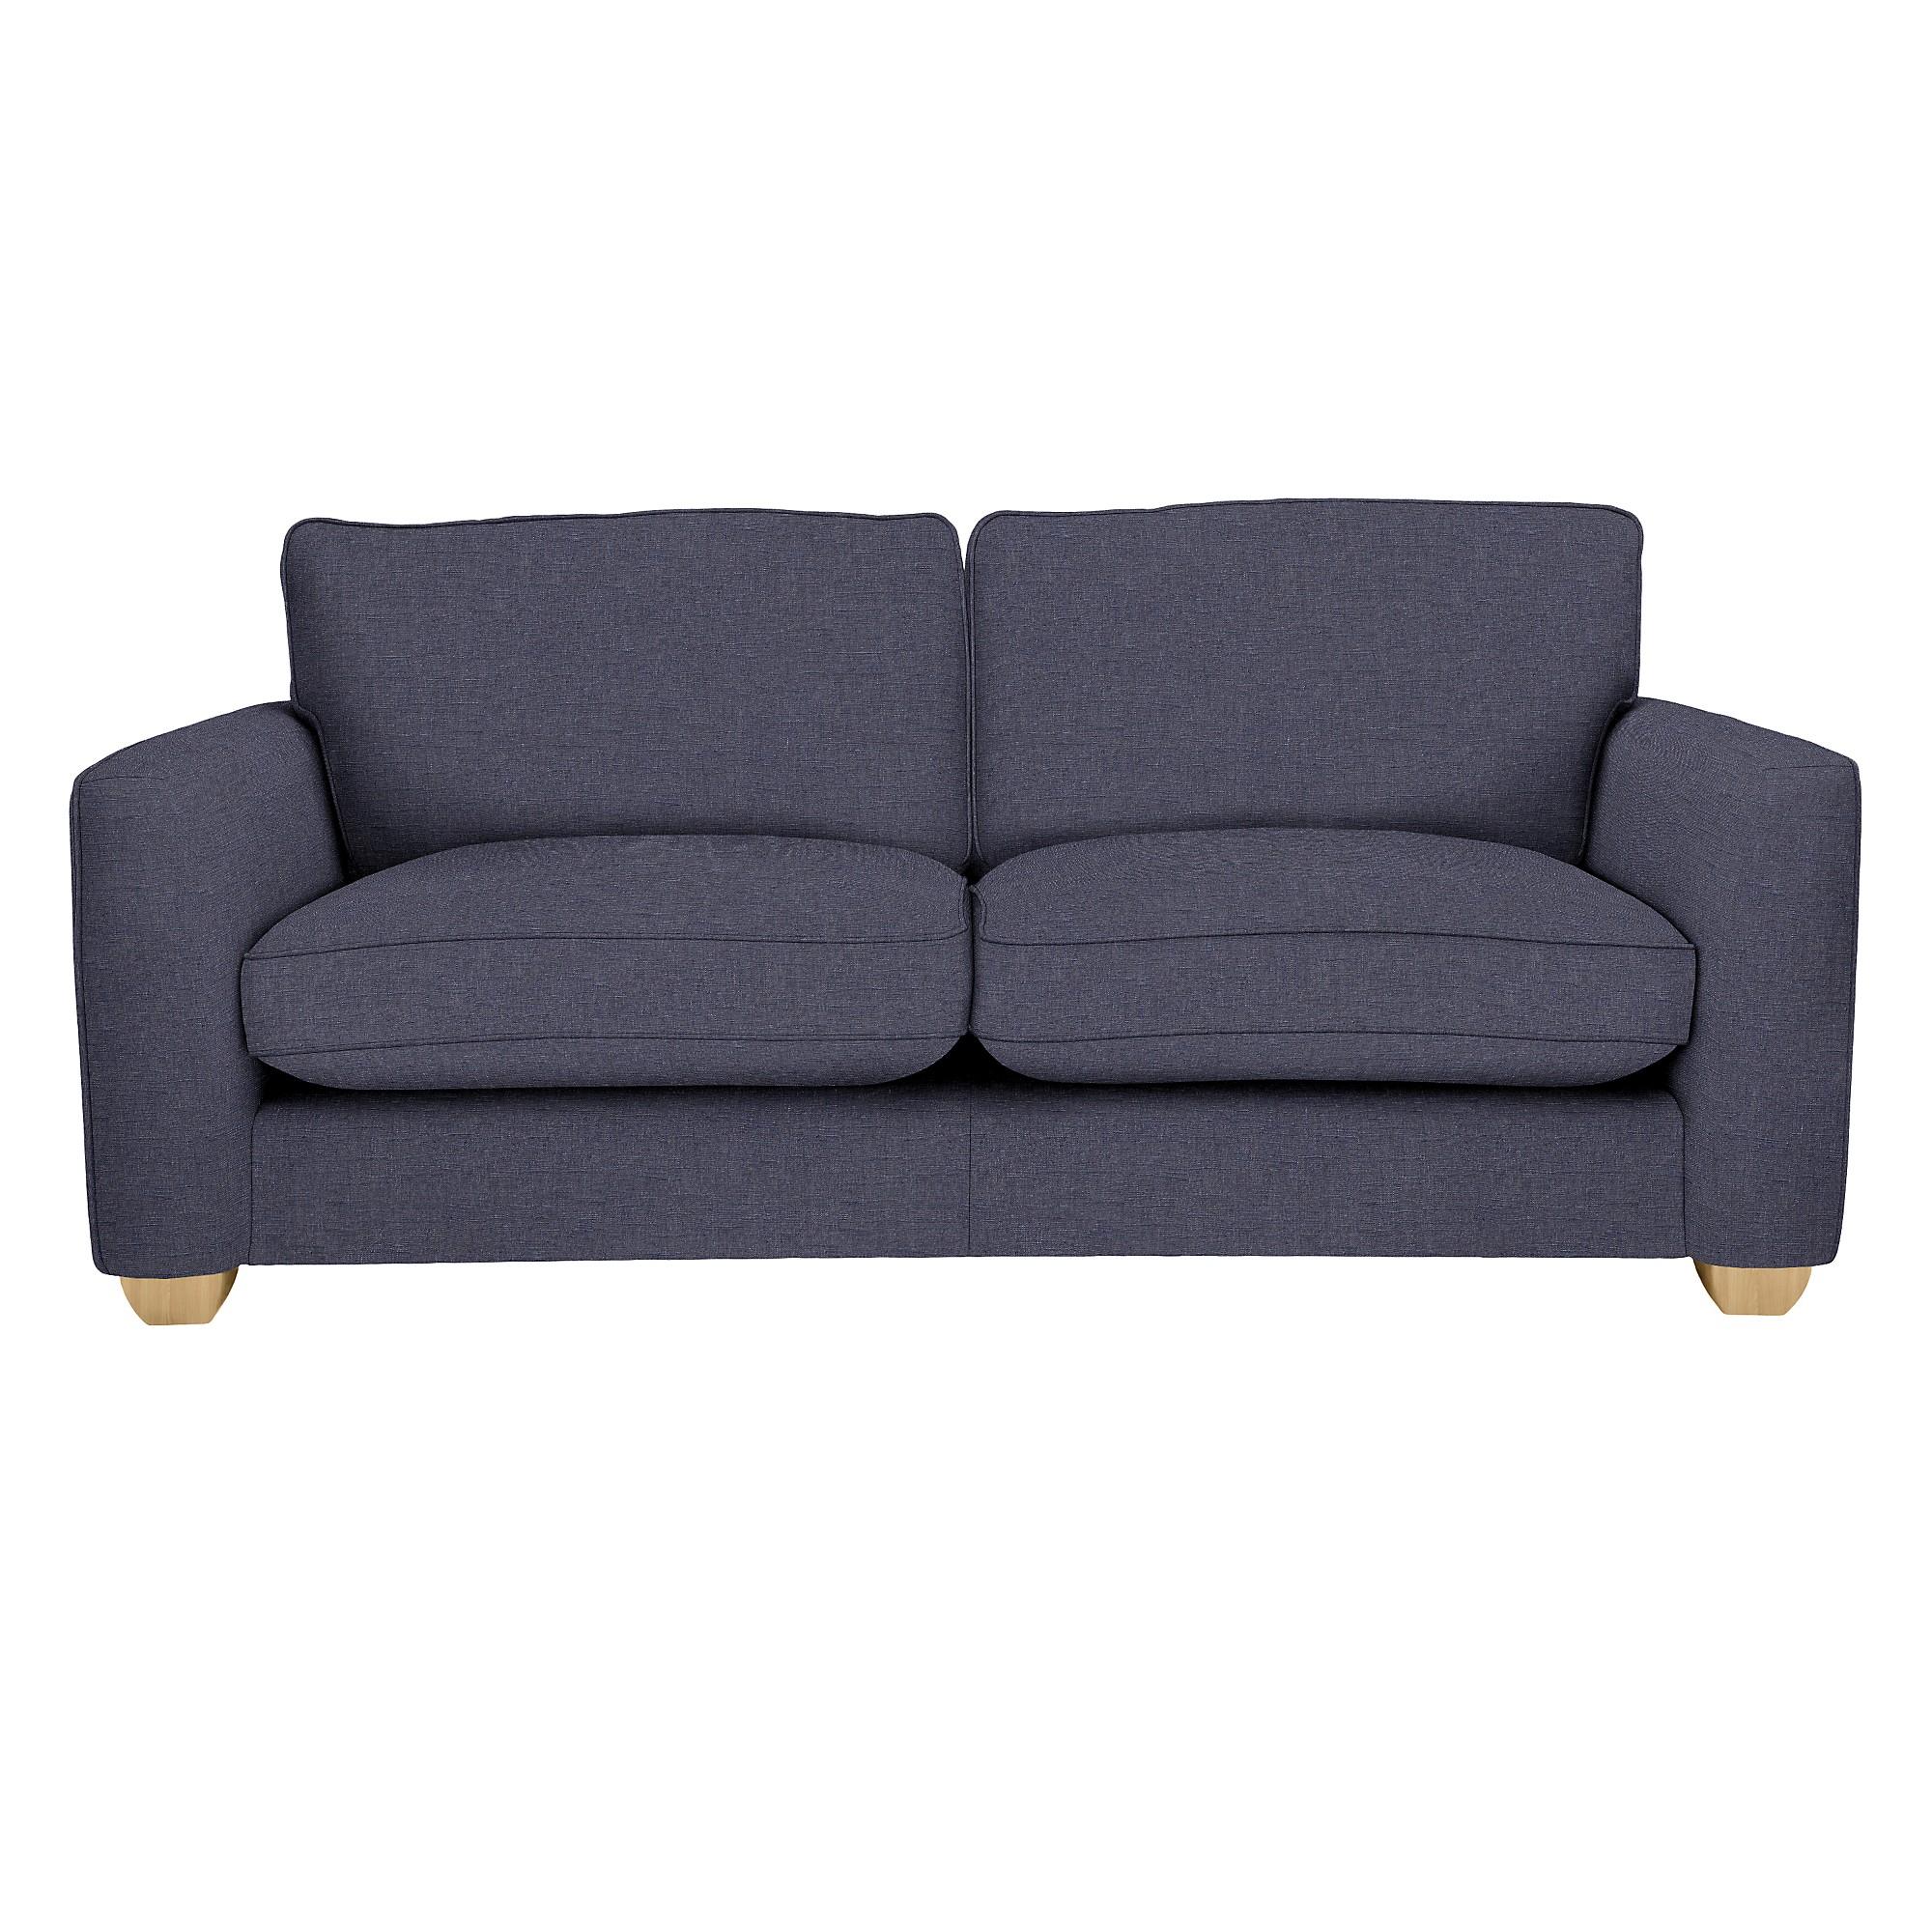 John Lewis Walton Large Sofa